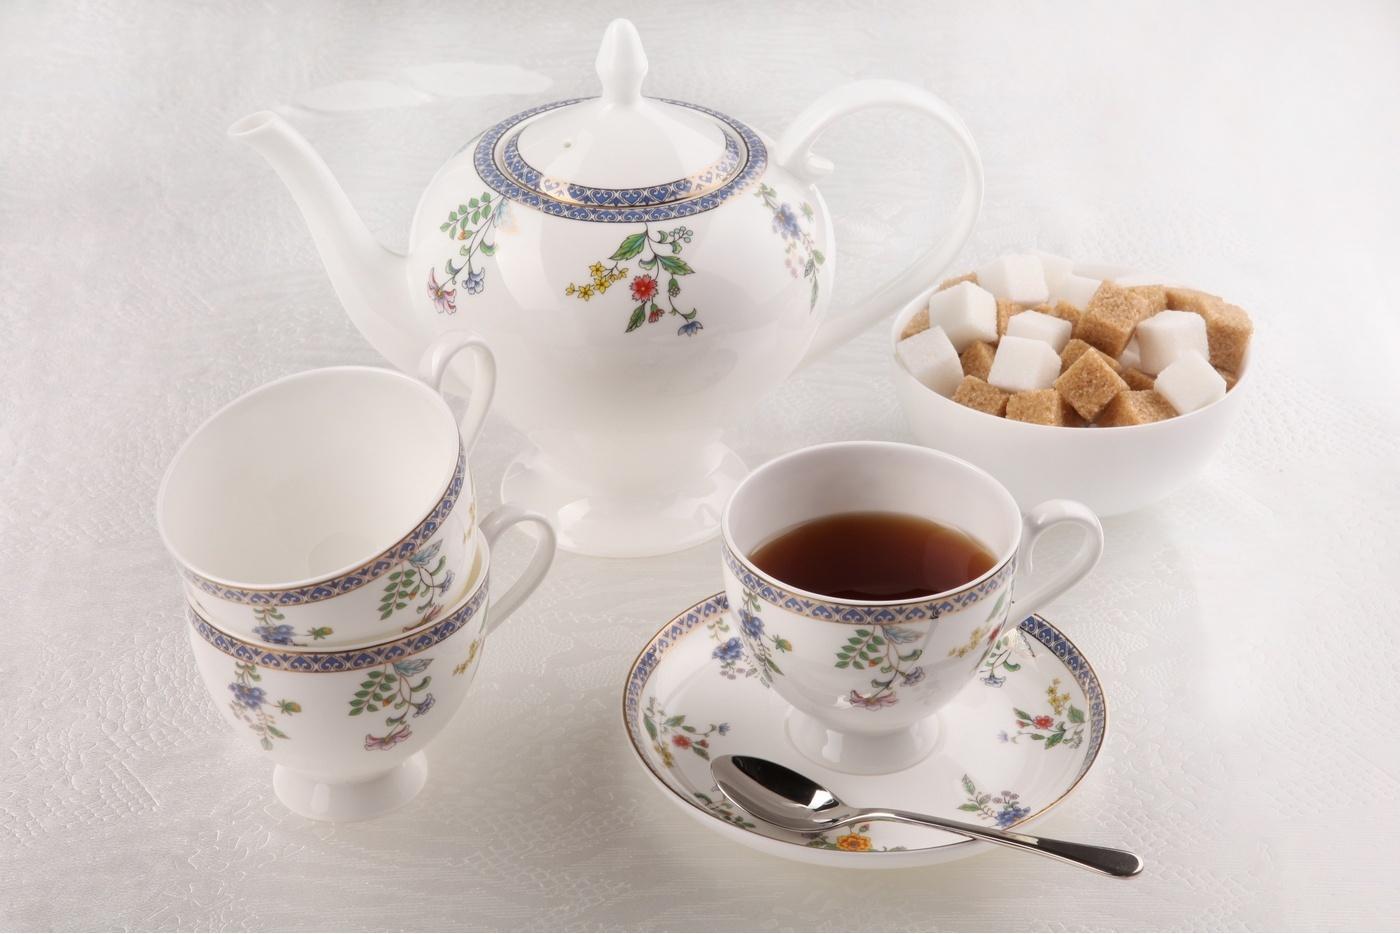 Чайный сервиз Royal Aurel Бавария арт.130, 15 предметовЧайные сервизы<br>Чайный сервиз Royal Aurel Бавария арт.130, 15 предметов<br><br><br><br><br><br><br><br><br><br><br>Чашка 270 мл,6 шт.<br>Блюдце 15 см,6 шт.<br>Чайник 1100 мл<br>Сахарница 370 мл<br><br><br><br><br><br><br><br><br>Молочник 300 мл<br><br><br><br><br><br><br><br><br>Производить посуду из фарфора начали в Китае на стыке 6-7 веков. Неустанно совершенствуя и селективно отбирая сырье для производства посуды из фарфора, мастерам удалось добиться выдающихся характеристик фарфора: белизны и тонкостенности. В XV веке появился особый интерес к китайской фарфоровой посуде, так как в это время Европе возникла мода на самобытные китайские вещи. Роскошный китайский фарфор являлся изыском и был в новинку, поэтому он выступал в качестве подарка королям, а также знатным людям. Такой дорогой подарок был очень престижен и по праву являлся элитной посудой. Как известно из многочисленных исторических документов, в Европе китайские изделия из фарфора ценились практически как золото. <br>Проверка изделий из костяного фарфора на подлинность <br>По сравнению с производством других видов фарфора процесс производства изделий из настоящего костяного фарфора сложен и весьма длителен. Посуда из изящного фарфора - это элитная посуда, которая всегда ассоциируется с богатством, величием и благородством. Несмотря на небольшую толщину, фарфоровая посуда - это очень прочное изделие. Для демонстрации плотности и прочности фарфора можно легко коснуться предметов посуды из фарфора деревянной палочкой, и тогда мы услушим характерный металлический звон. В составе фарфоровой посуды присутствует костяная зола, благодаря чему она может быть намного тоньше (не более 2,5 мм) и легче твердого или мягкого фарфора. Безупречная белизна - ключевой признак отличия такого фарфора от других. Цвет обычного фарфора сероватый или ближе к голубоватому, а костяной фарфор будет всегда будет молочно-белого цвета. Характерная и немаловажная деталь - это нев